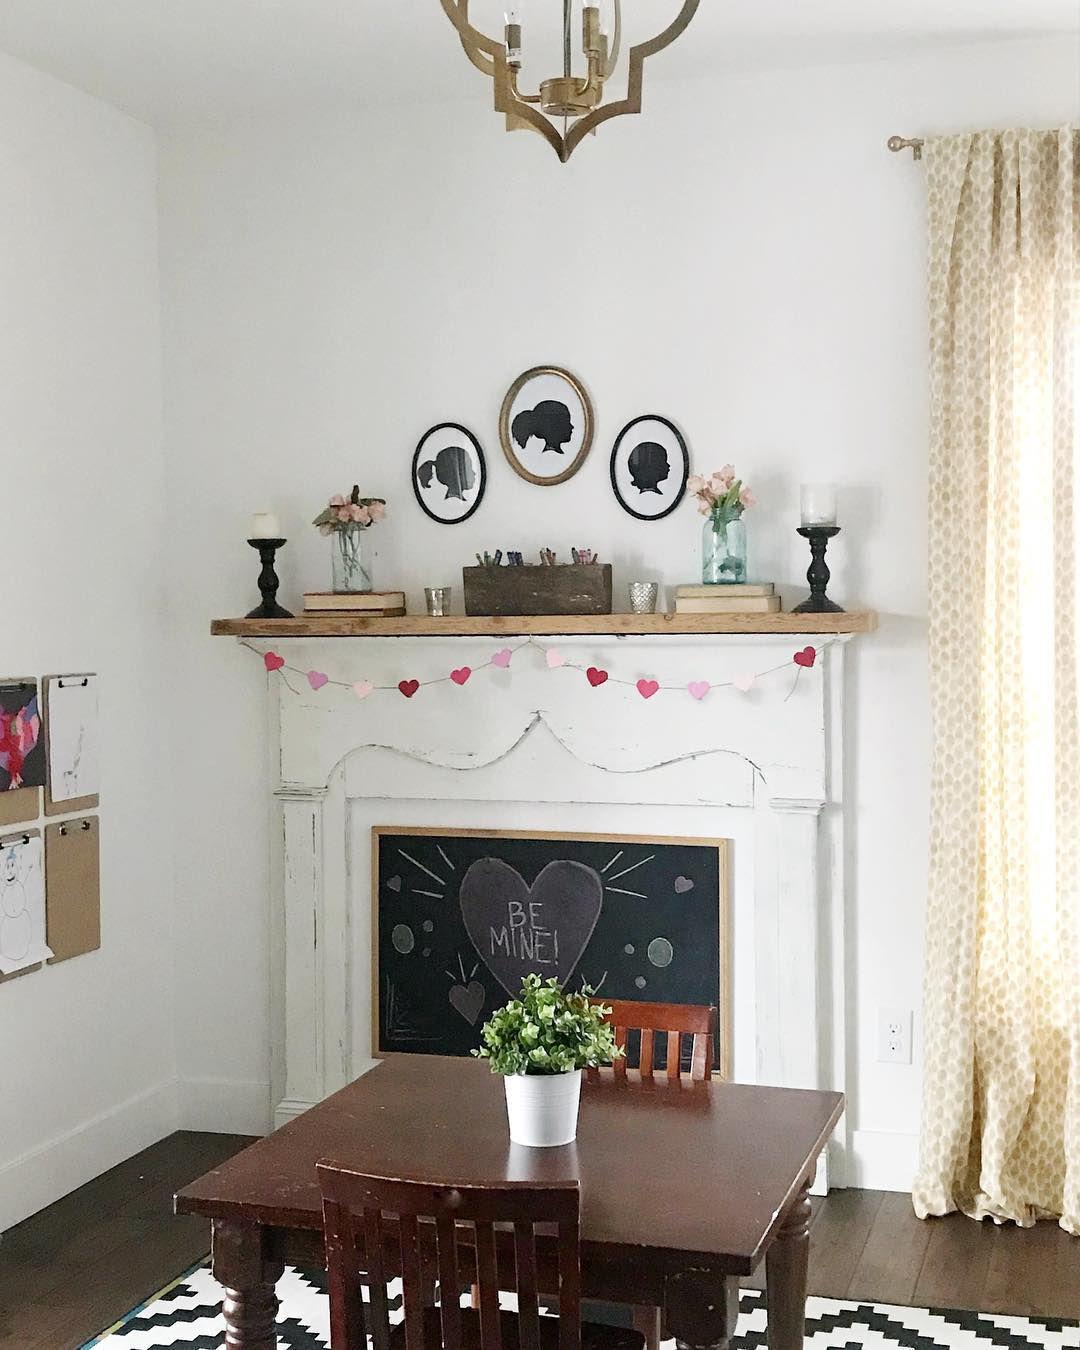 chalkboard in fireplace